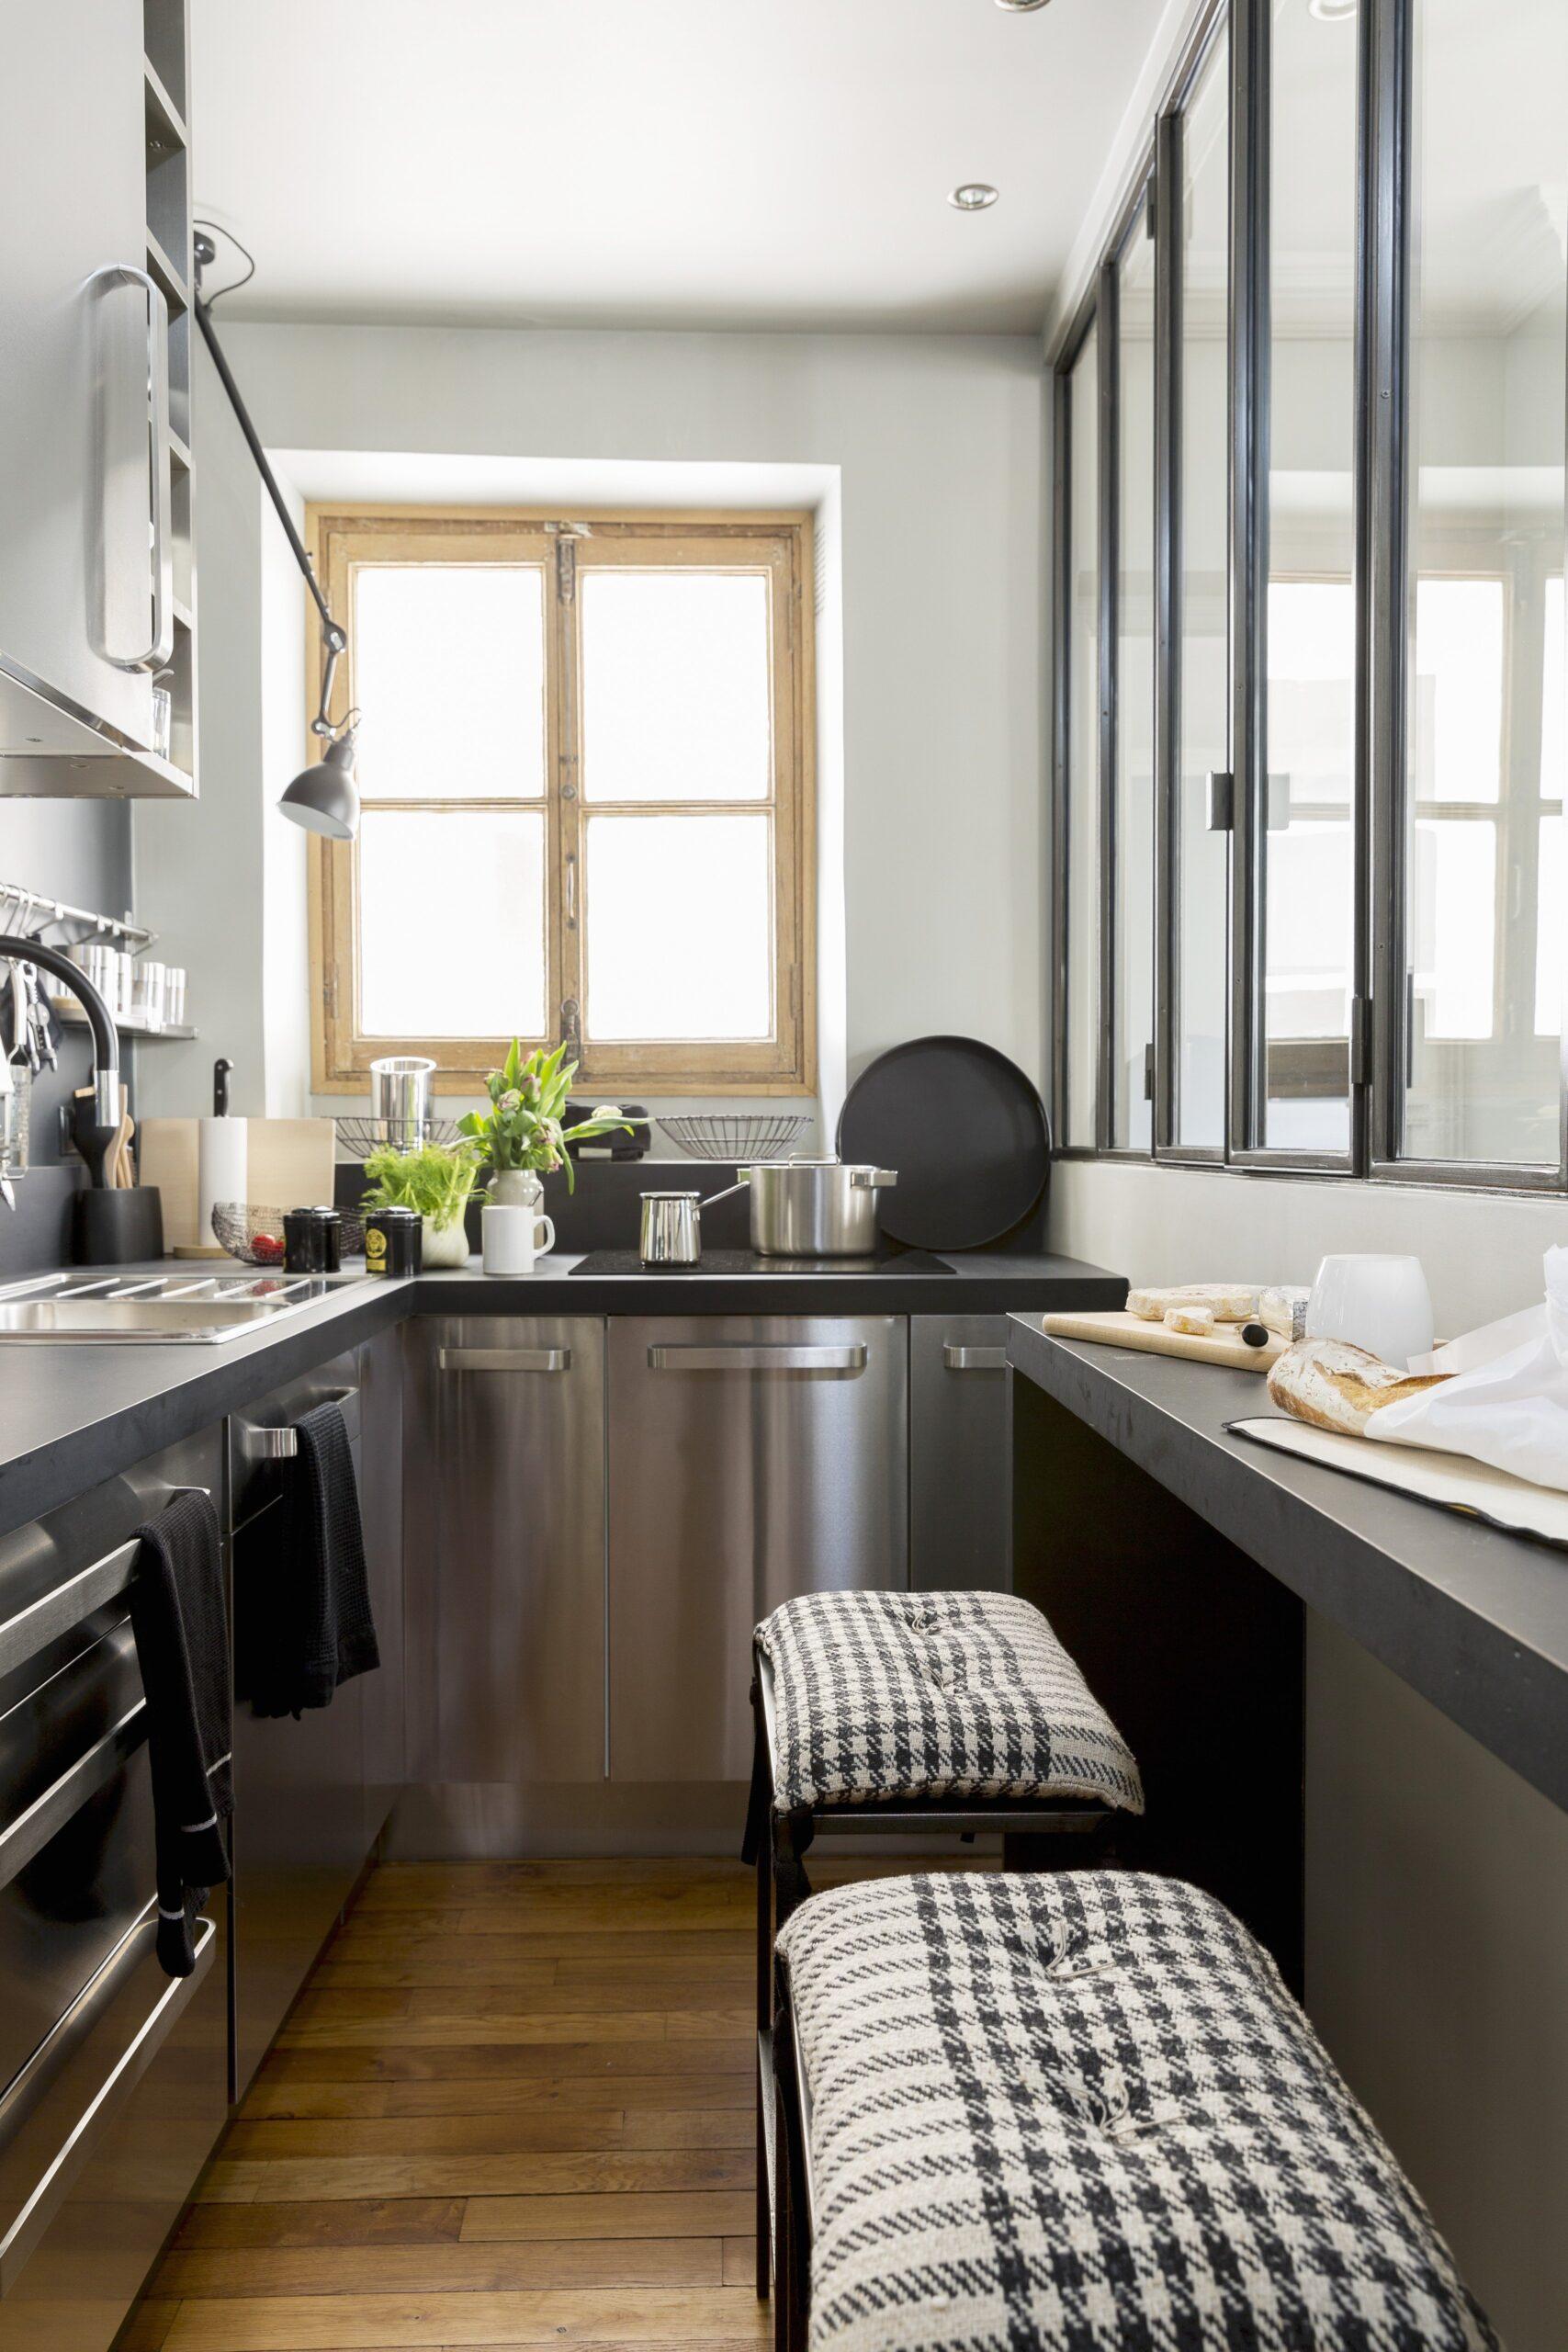 Full Size of Kleine Kche Einrichten Ideen Fr Mehr Platz Das Haus Küchen Regal Sofa Alternatives Wohnzimmer Alternative Küchen